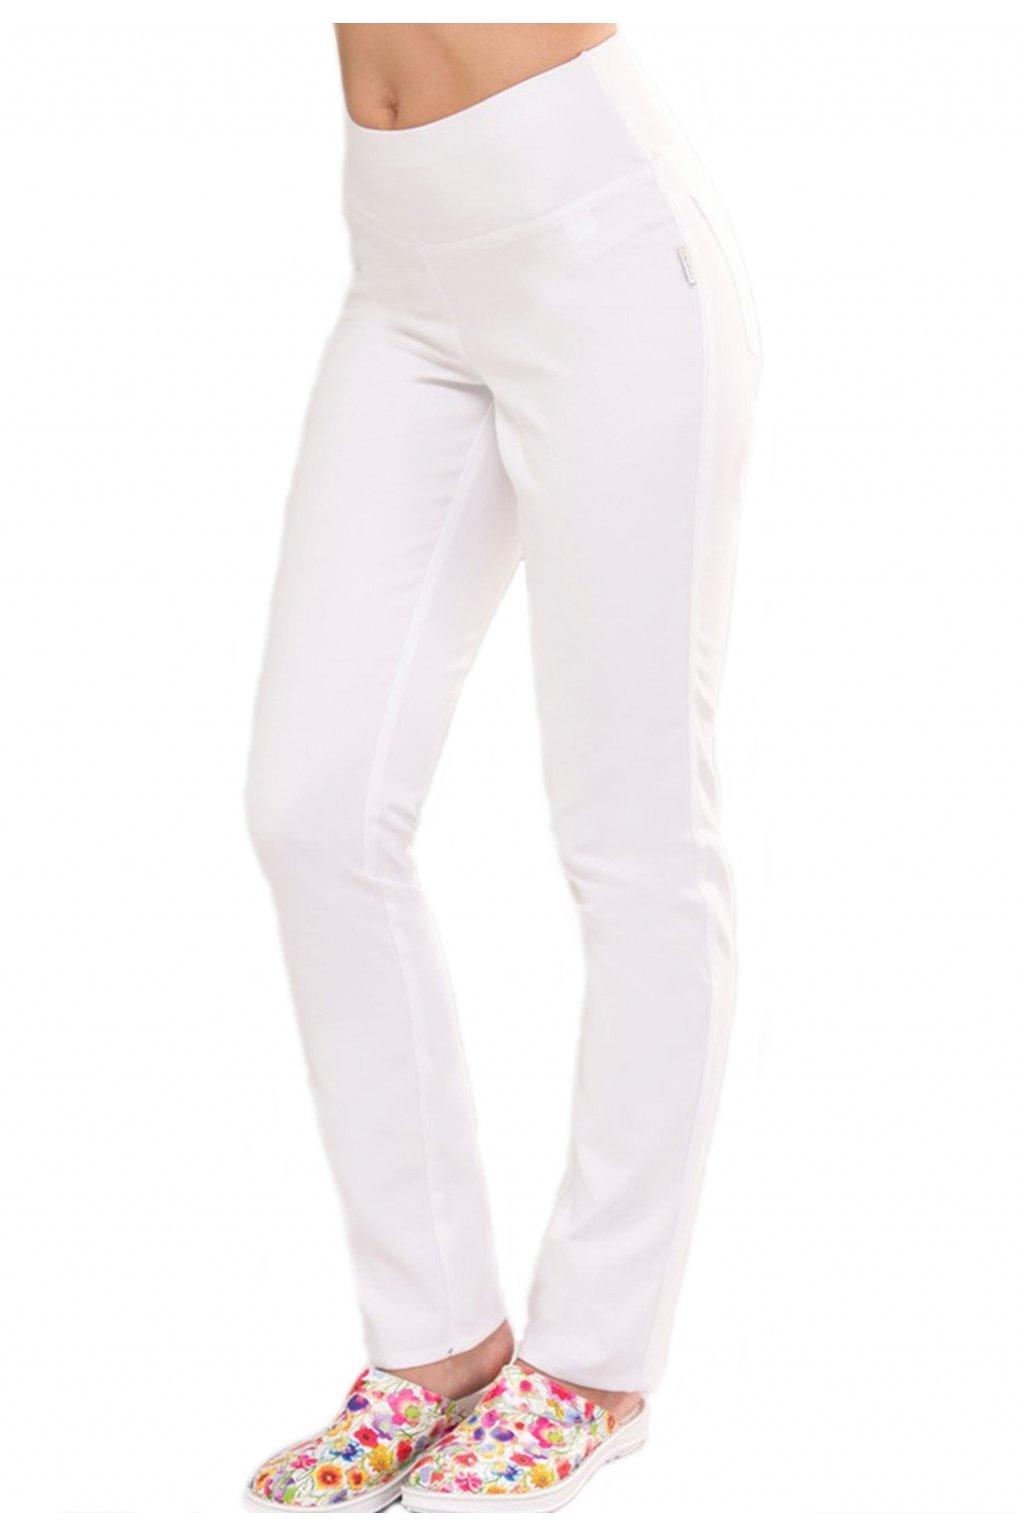 Kalhoty stretchové s úpletem 453